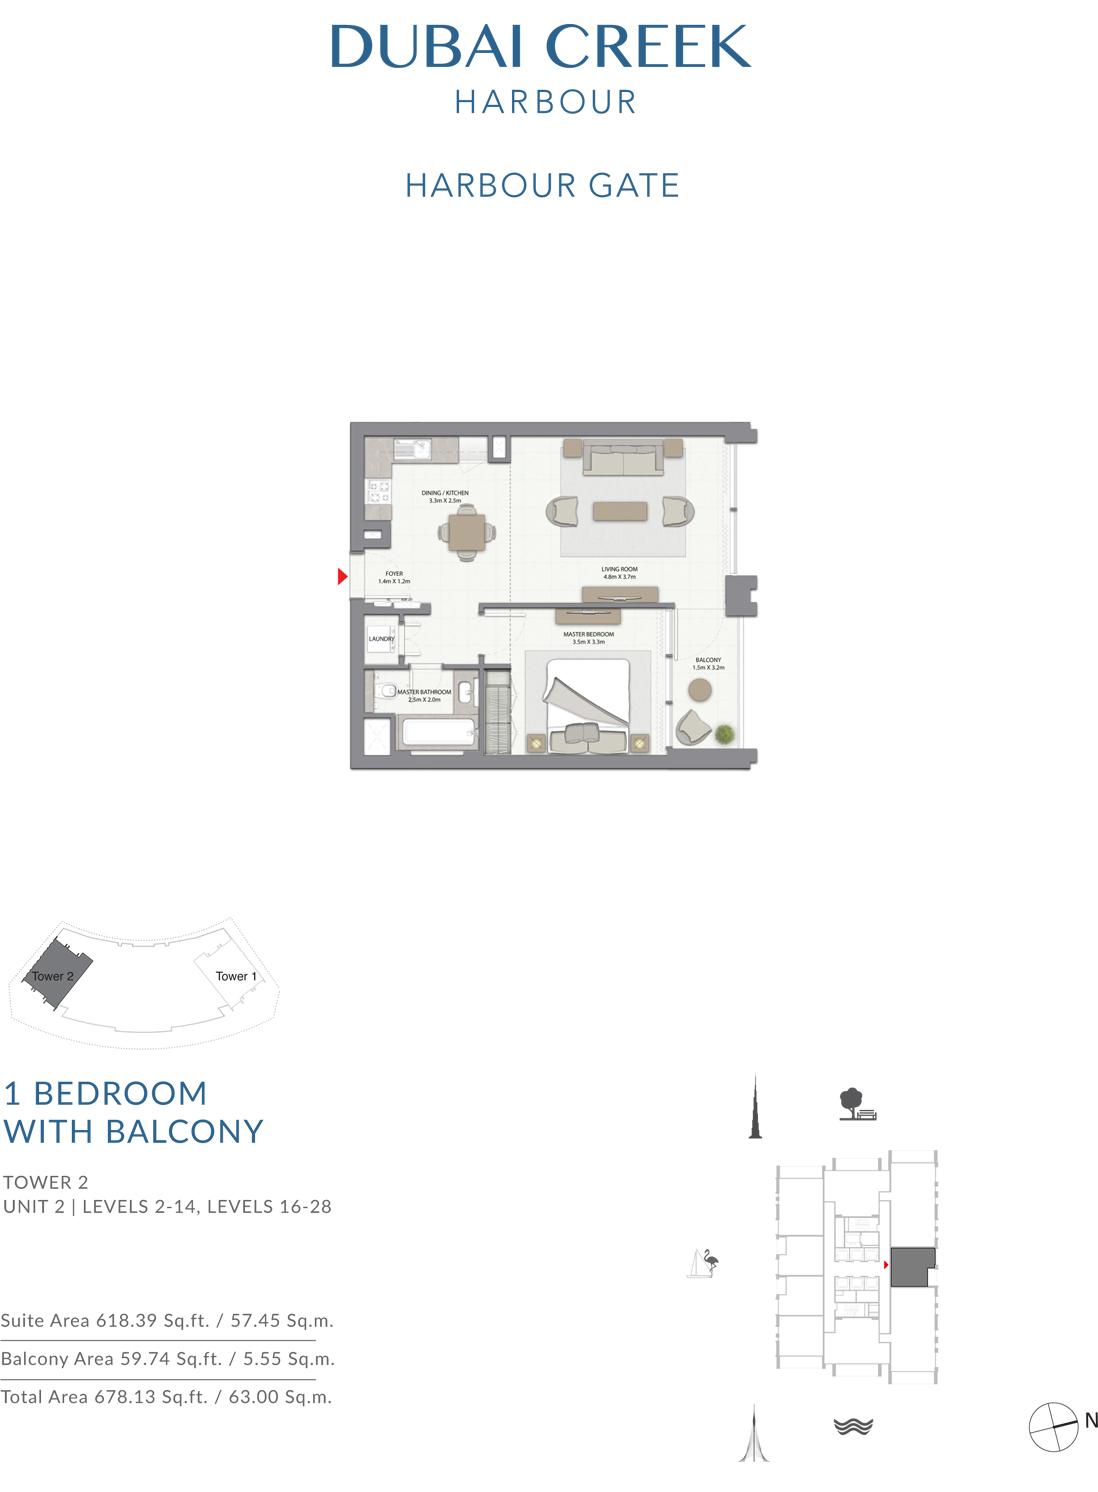 1 Bedroom Tower 2